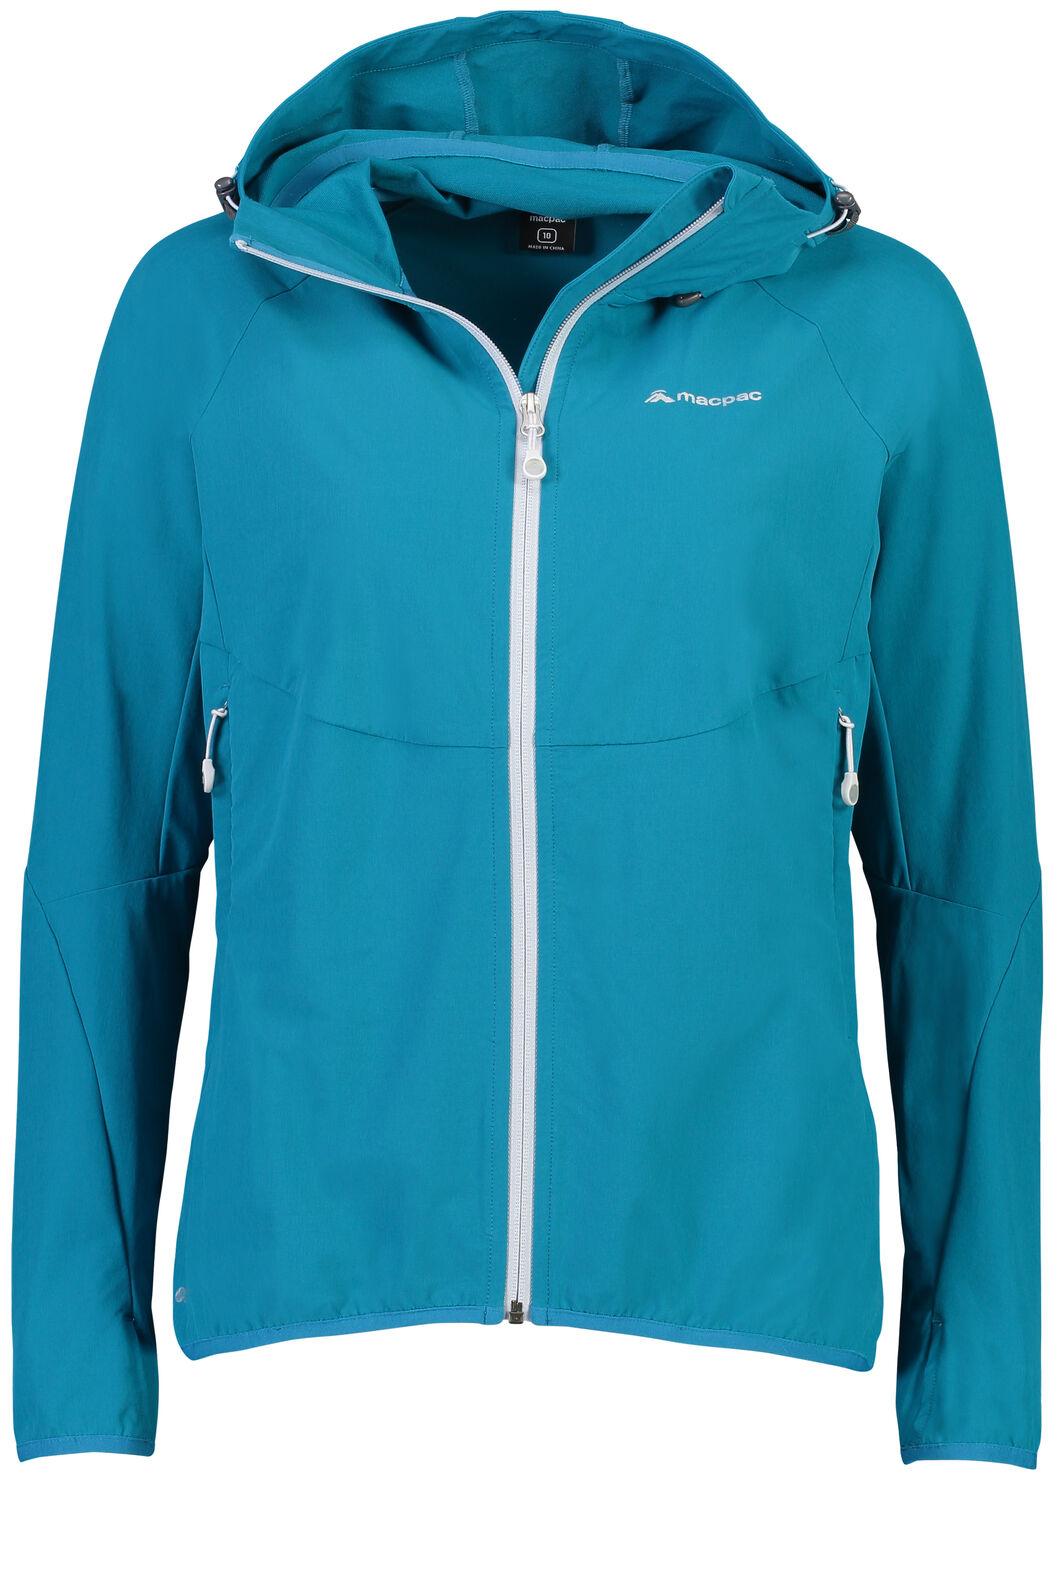 Macpac Mannering Pertex® Hooded Jacket — Women's, Ocean Depths, hi-res